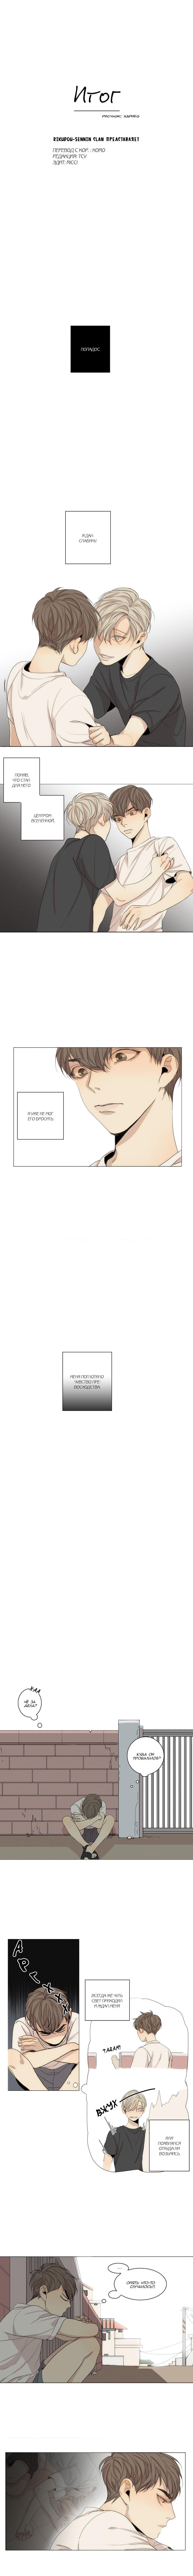 Манга Итог - Глава 22 Страница 1